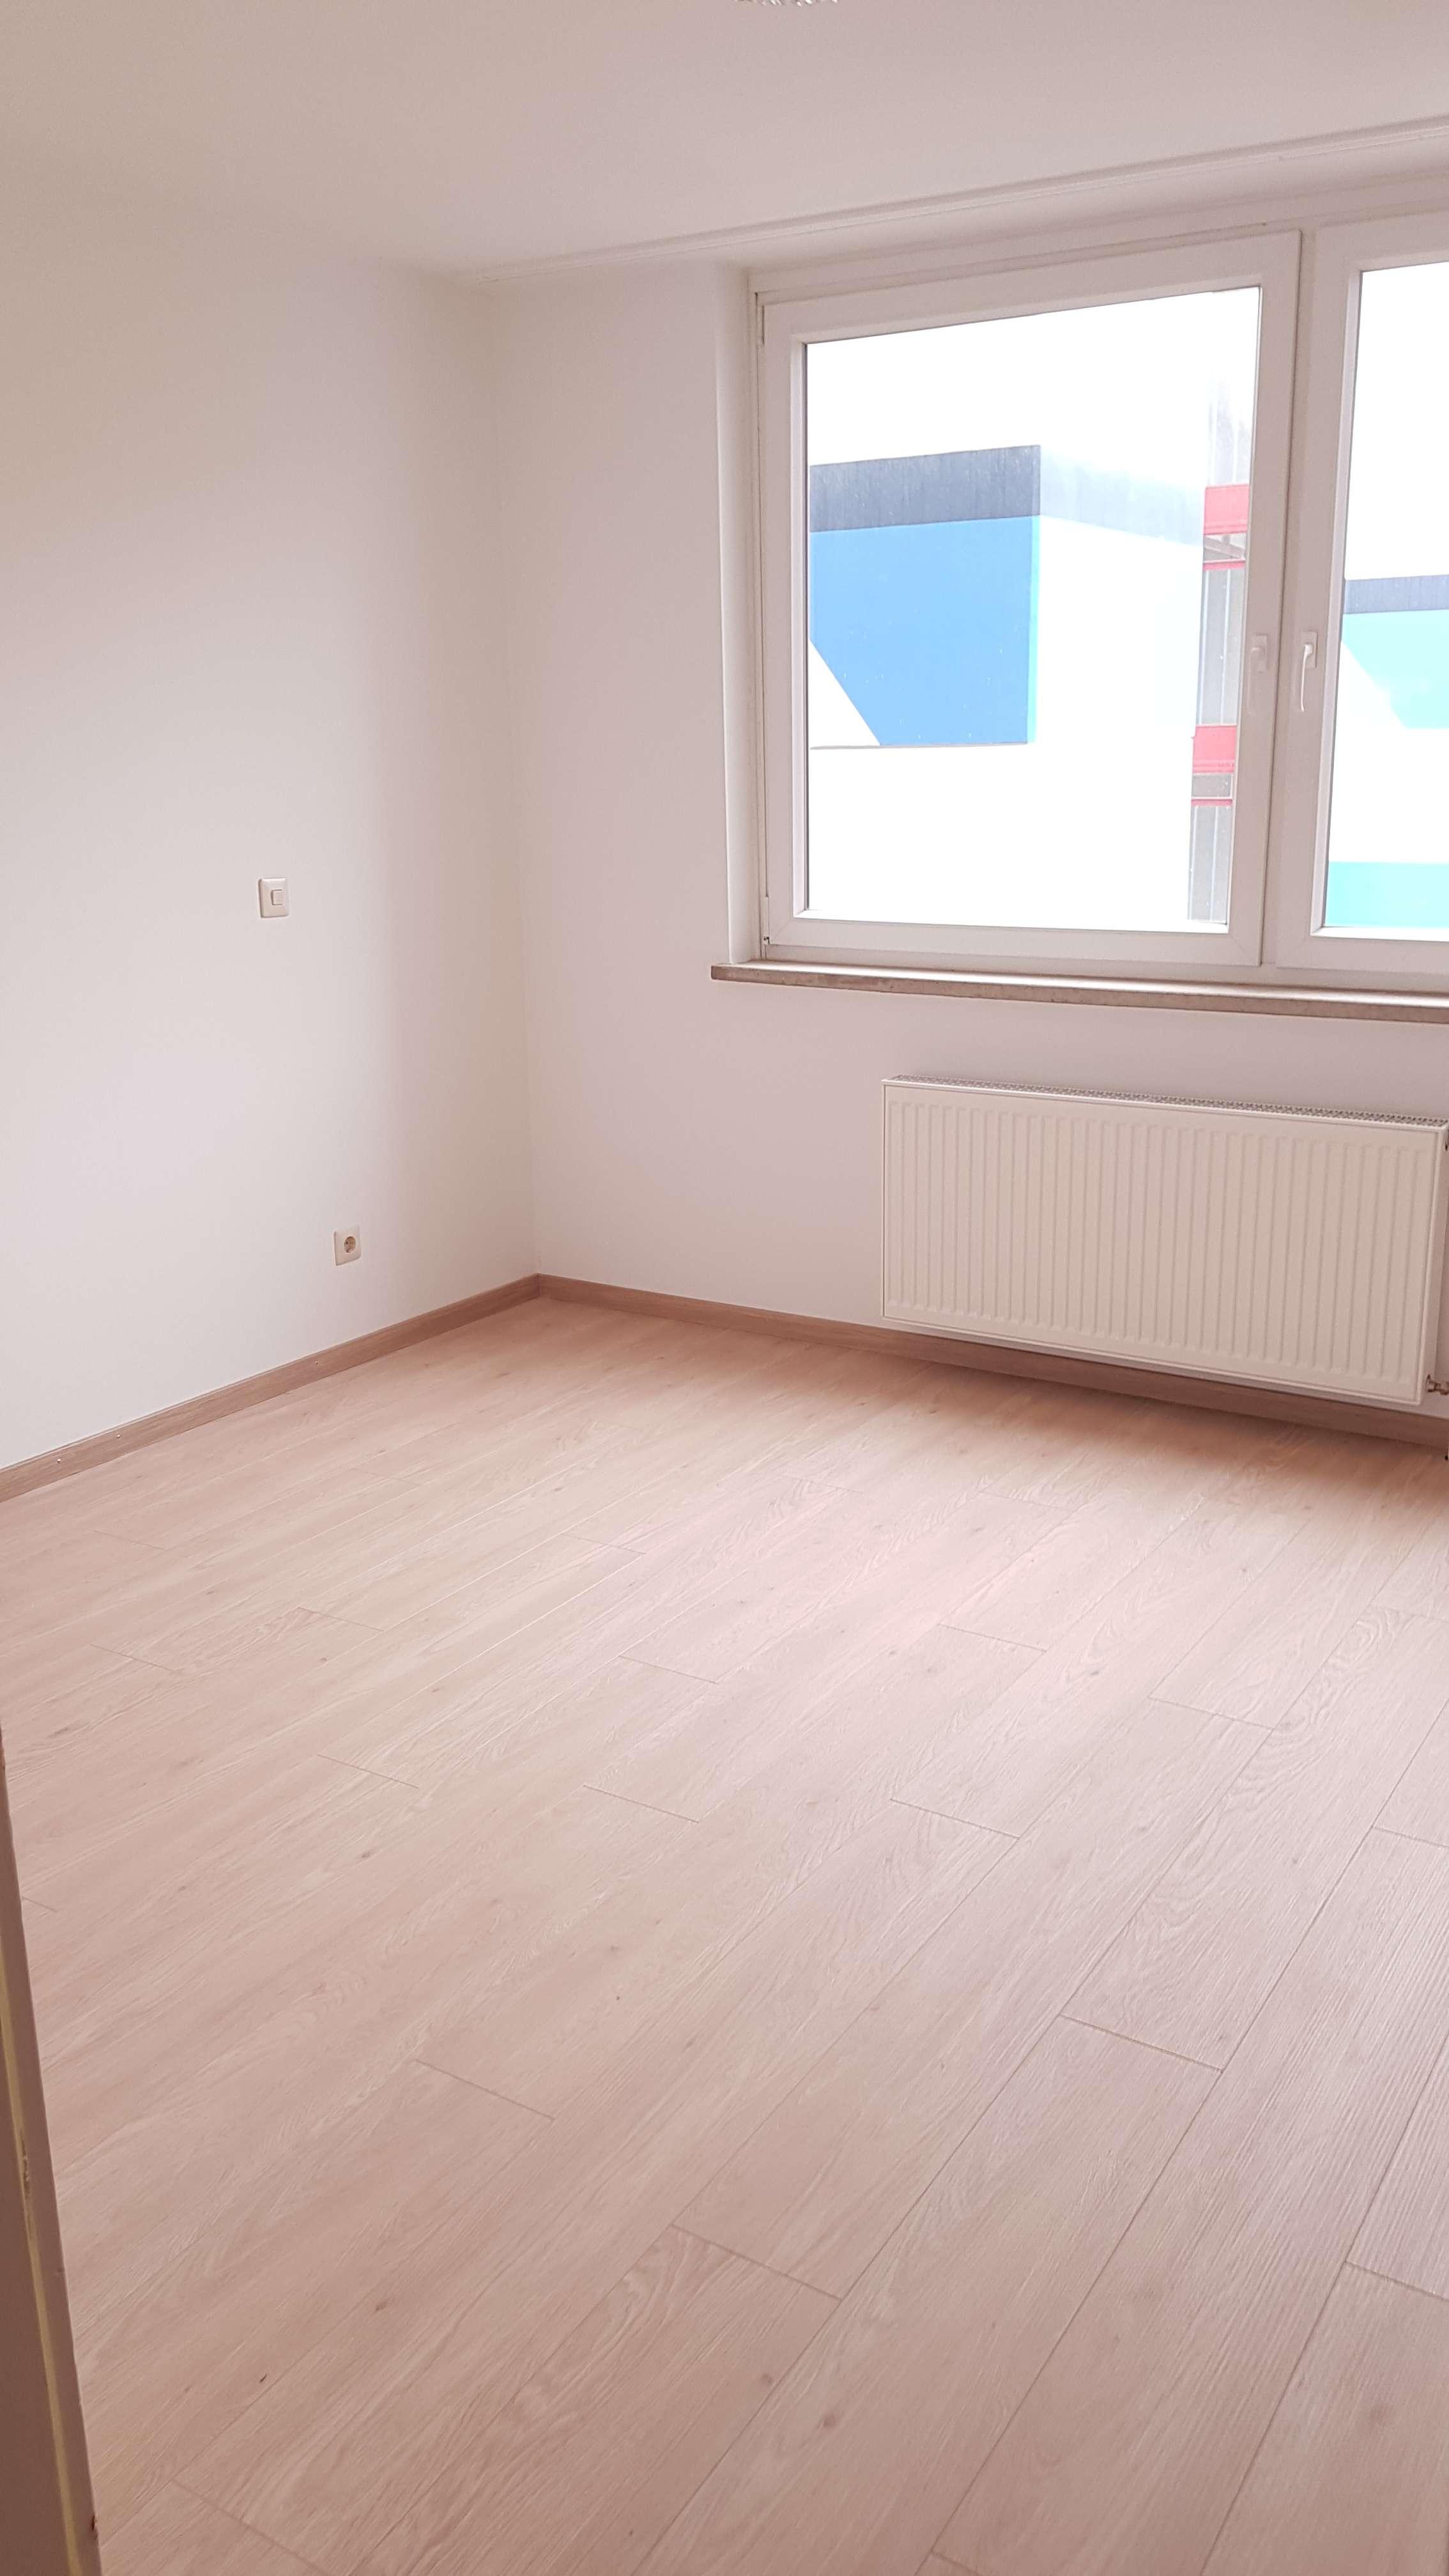 Direkt am Olympiapark: 3-Zimmer-Wohnung mit Balkon und EBK in Schwabing-West, München in Schwabing-West (München)